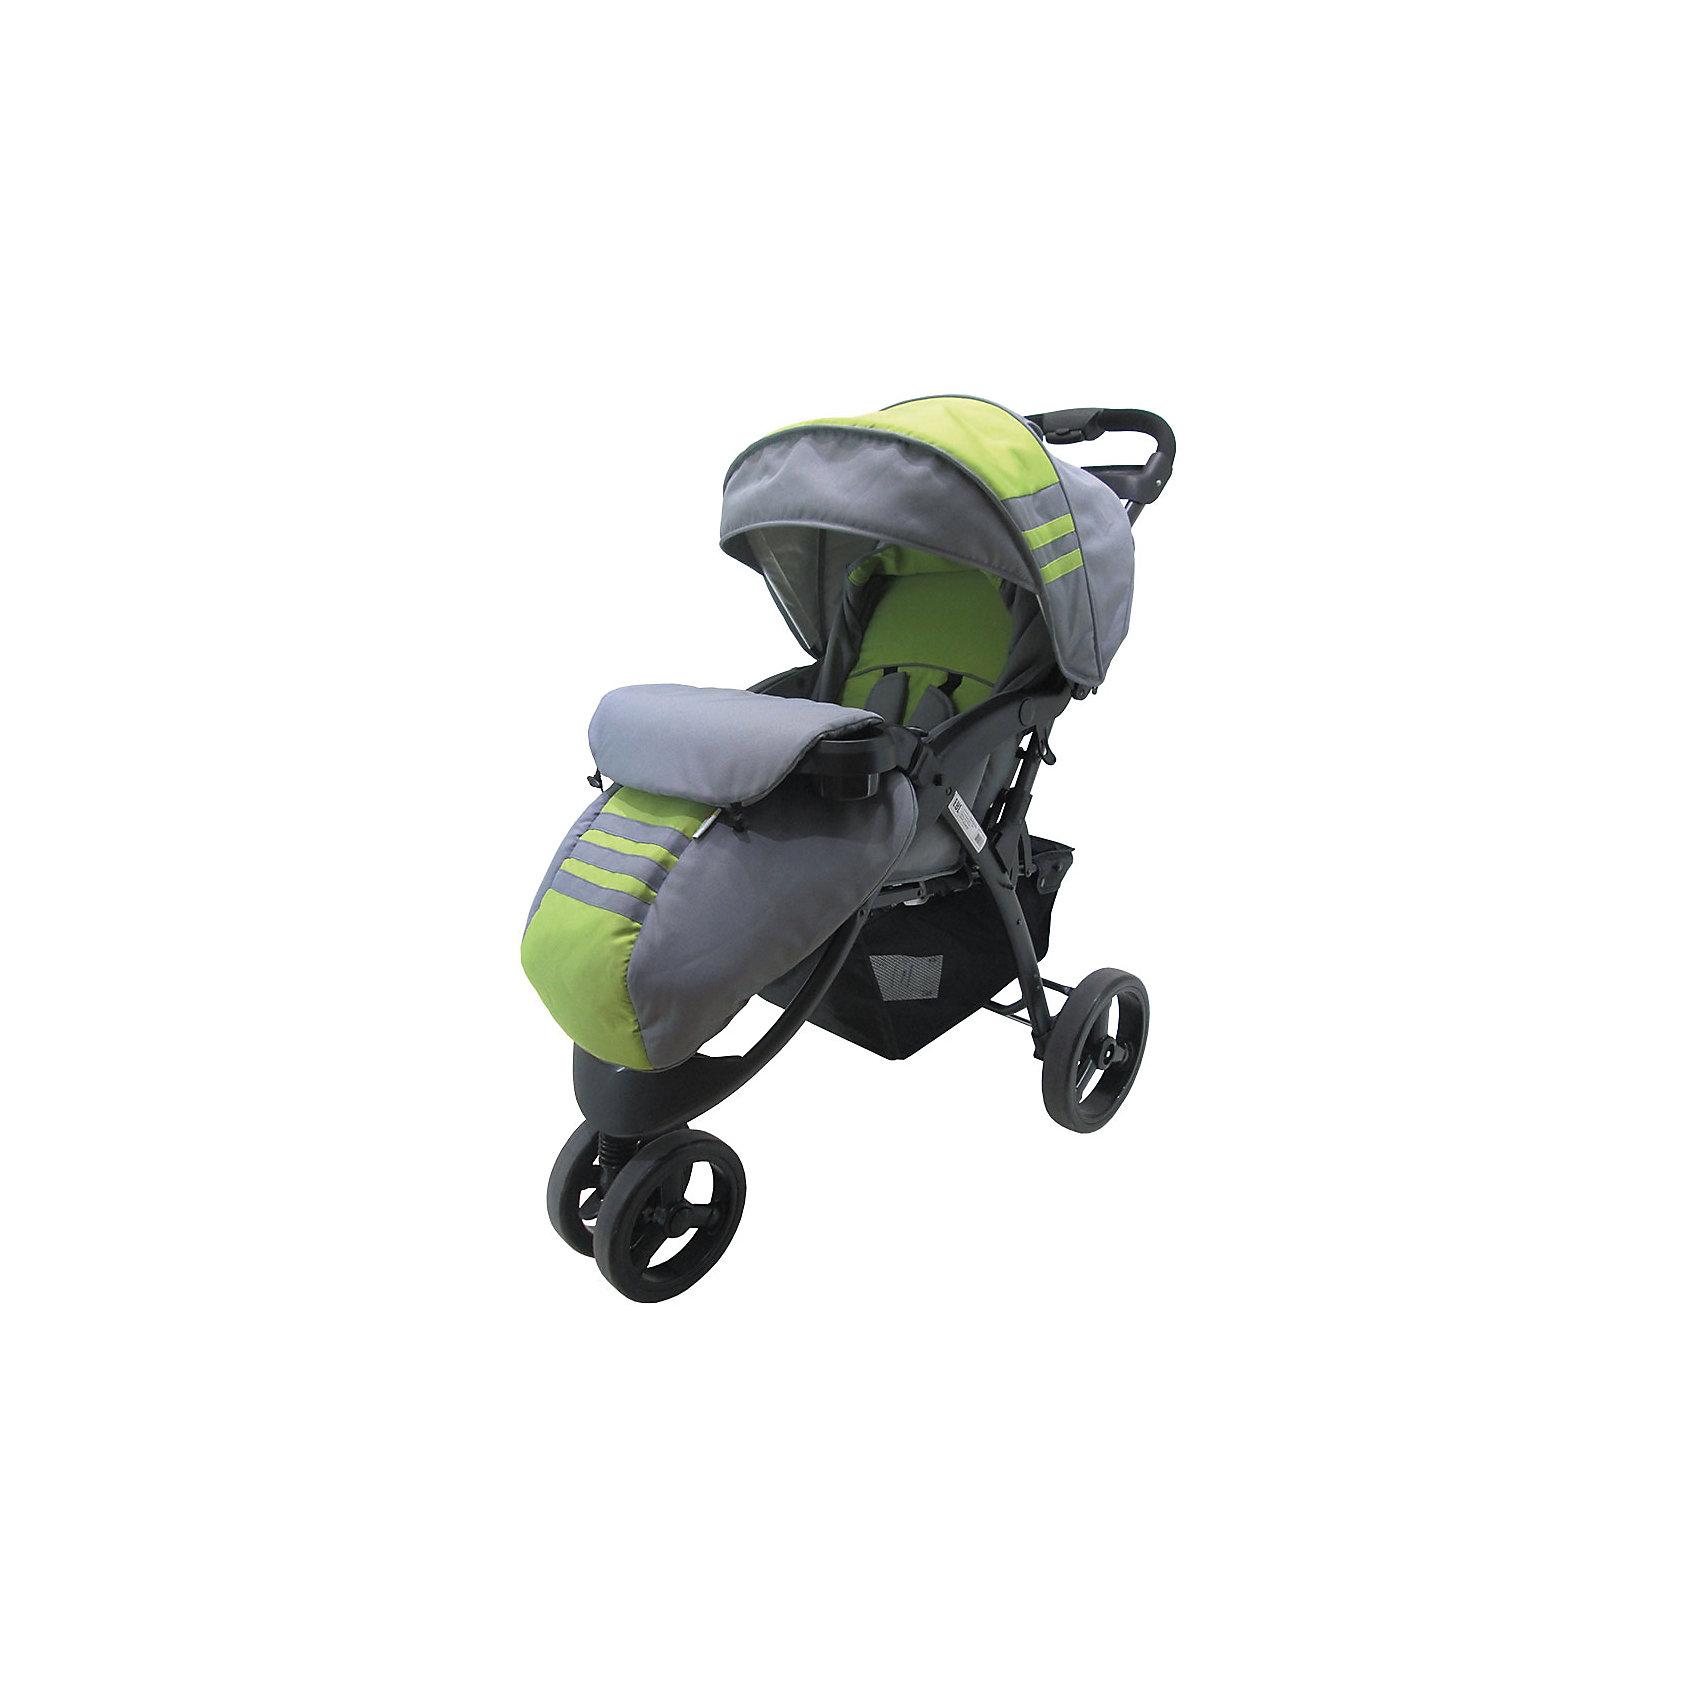 Baby Hit Прогулочная коляска Voyage, Baby Hit, серый/зелёный прогулочная коляска cool baby kdd 6795dc 1 green